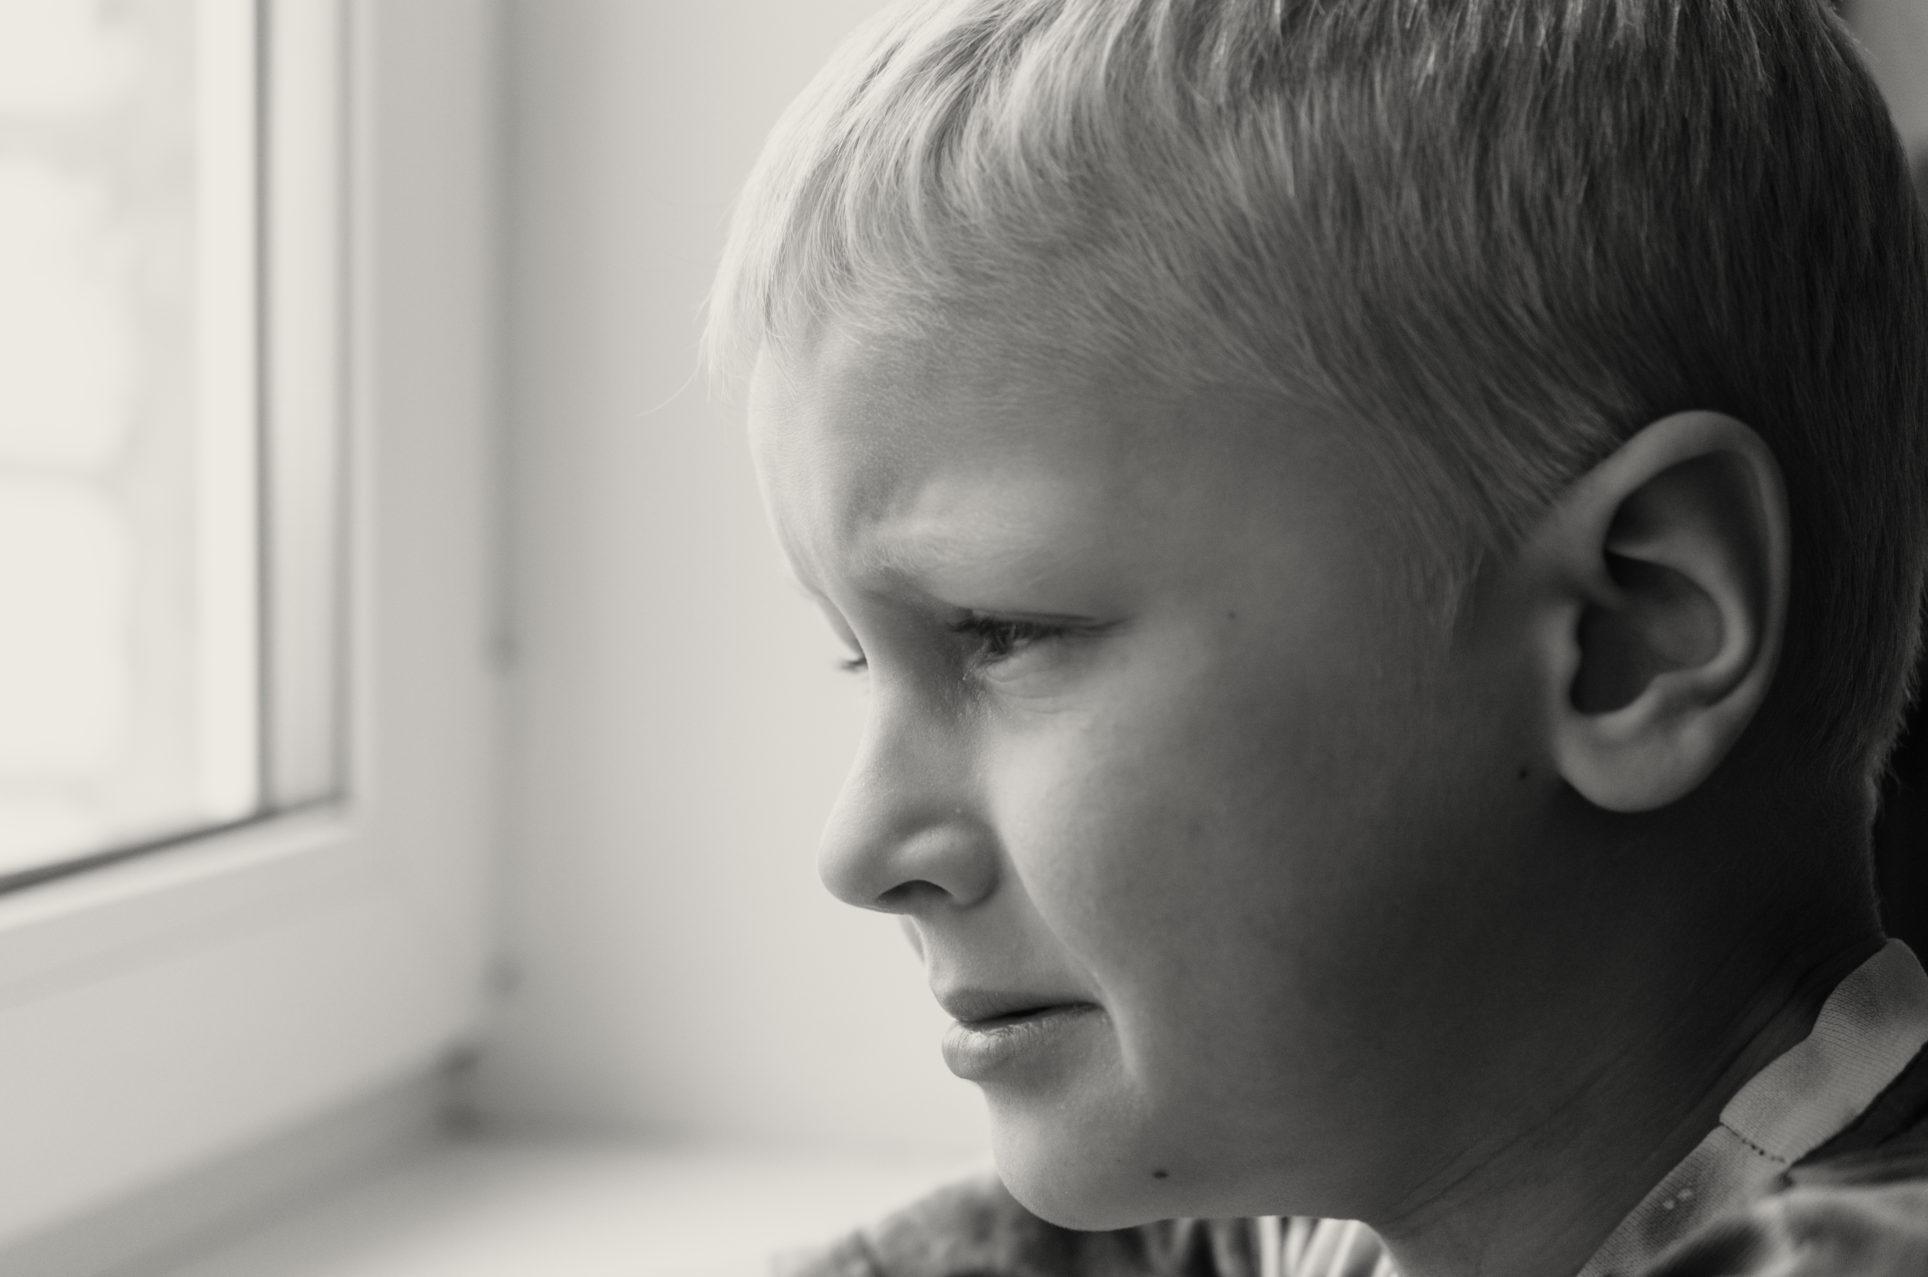 Adopt foster children